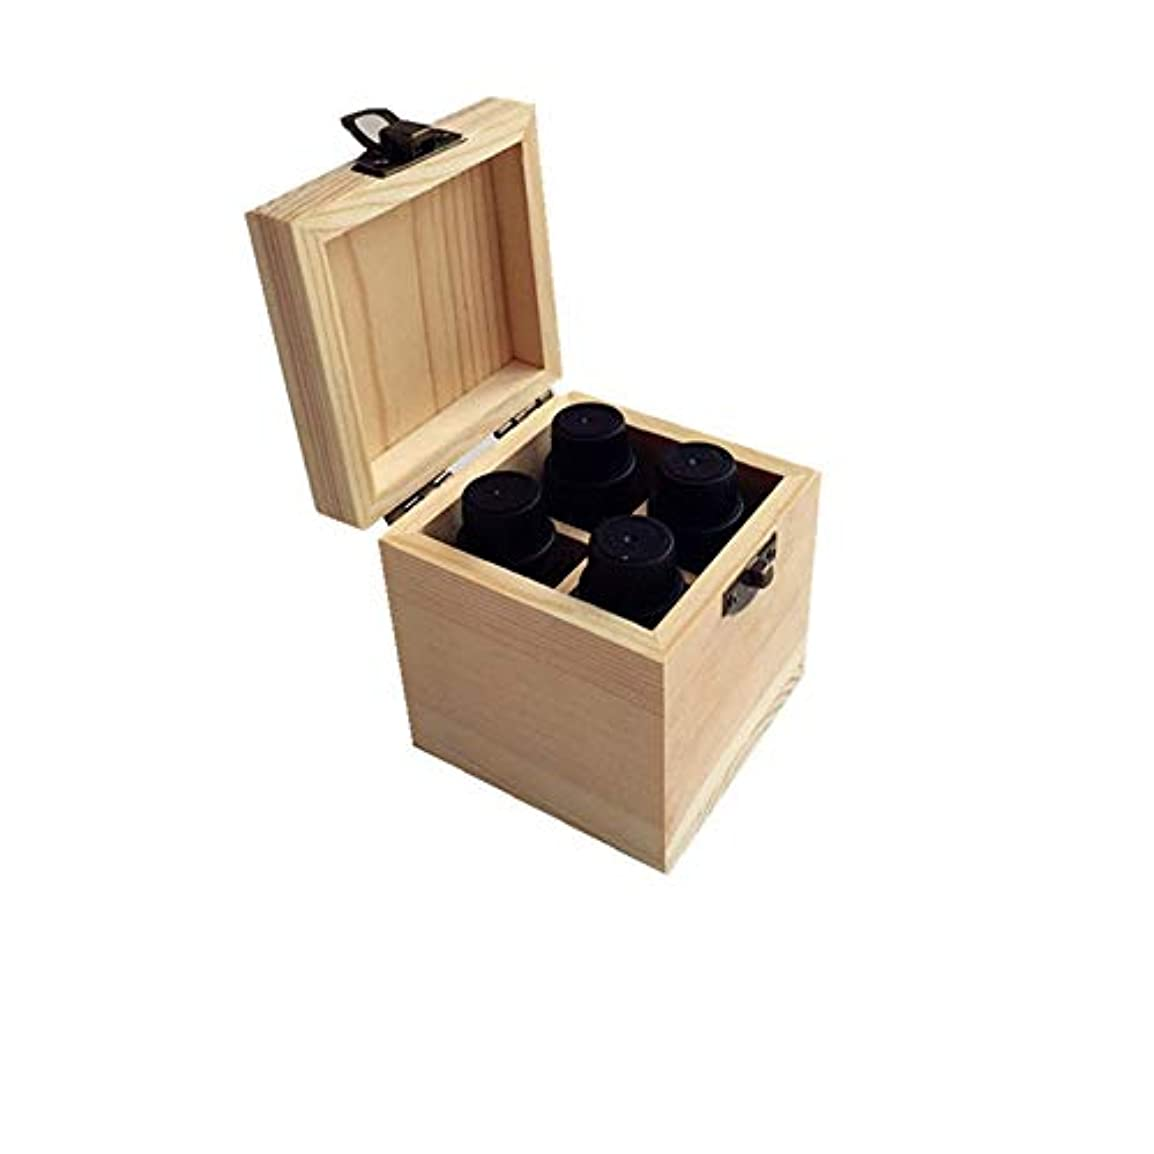 カーフ通常確かなエッセンシャルオイルの保管 4スロットの品質の木製エッセンシャルオイルストレージボックス (色 : Natural, サイズ : 8X8X9CM)